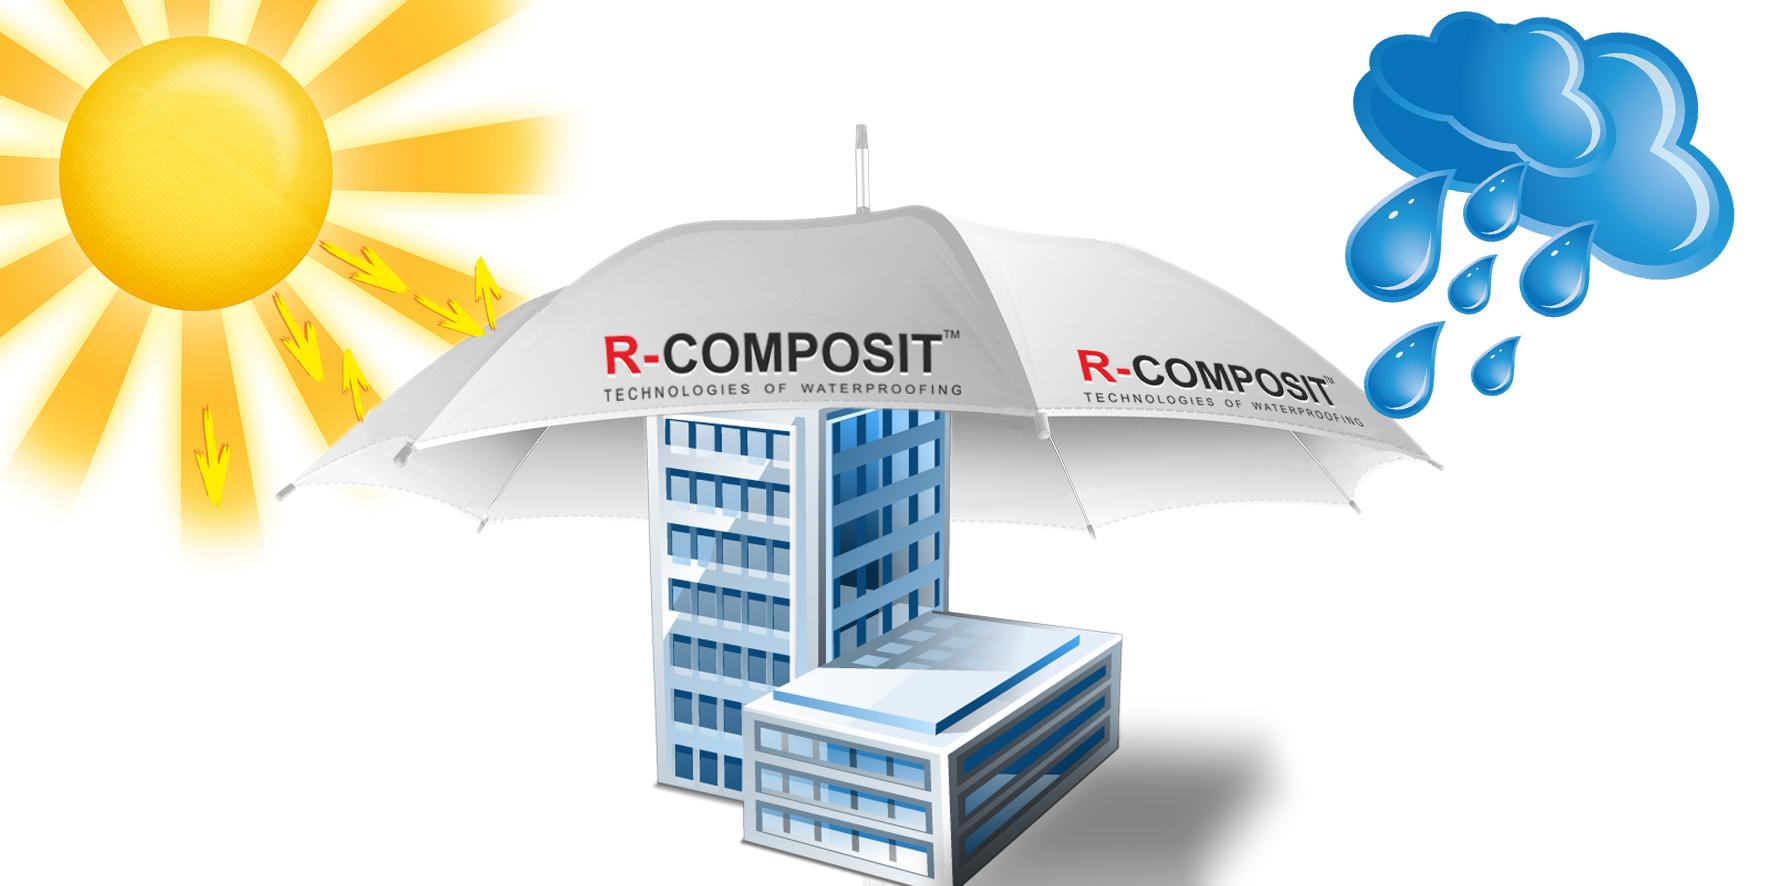 Гидроизоляционное покрытиеR-COMPOSIT-это полимерный безбитумный материал широкого спектра применения. Данный продукт был разработан с использованием самых современных технологий и материалов.R-COMPOSITобладаетуникальными свойствами - высочайшей прочностью, стойкостью к статическому воздействию воды, является стойким к воздействию растворов солей и щелочей.